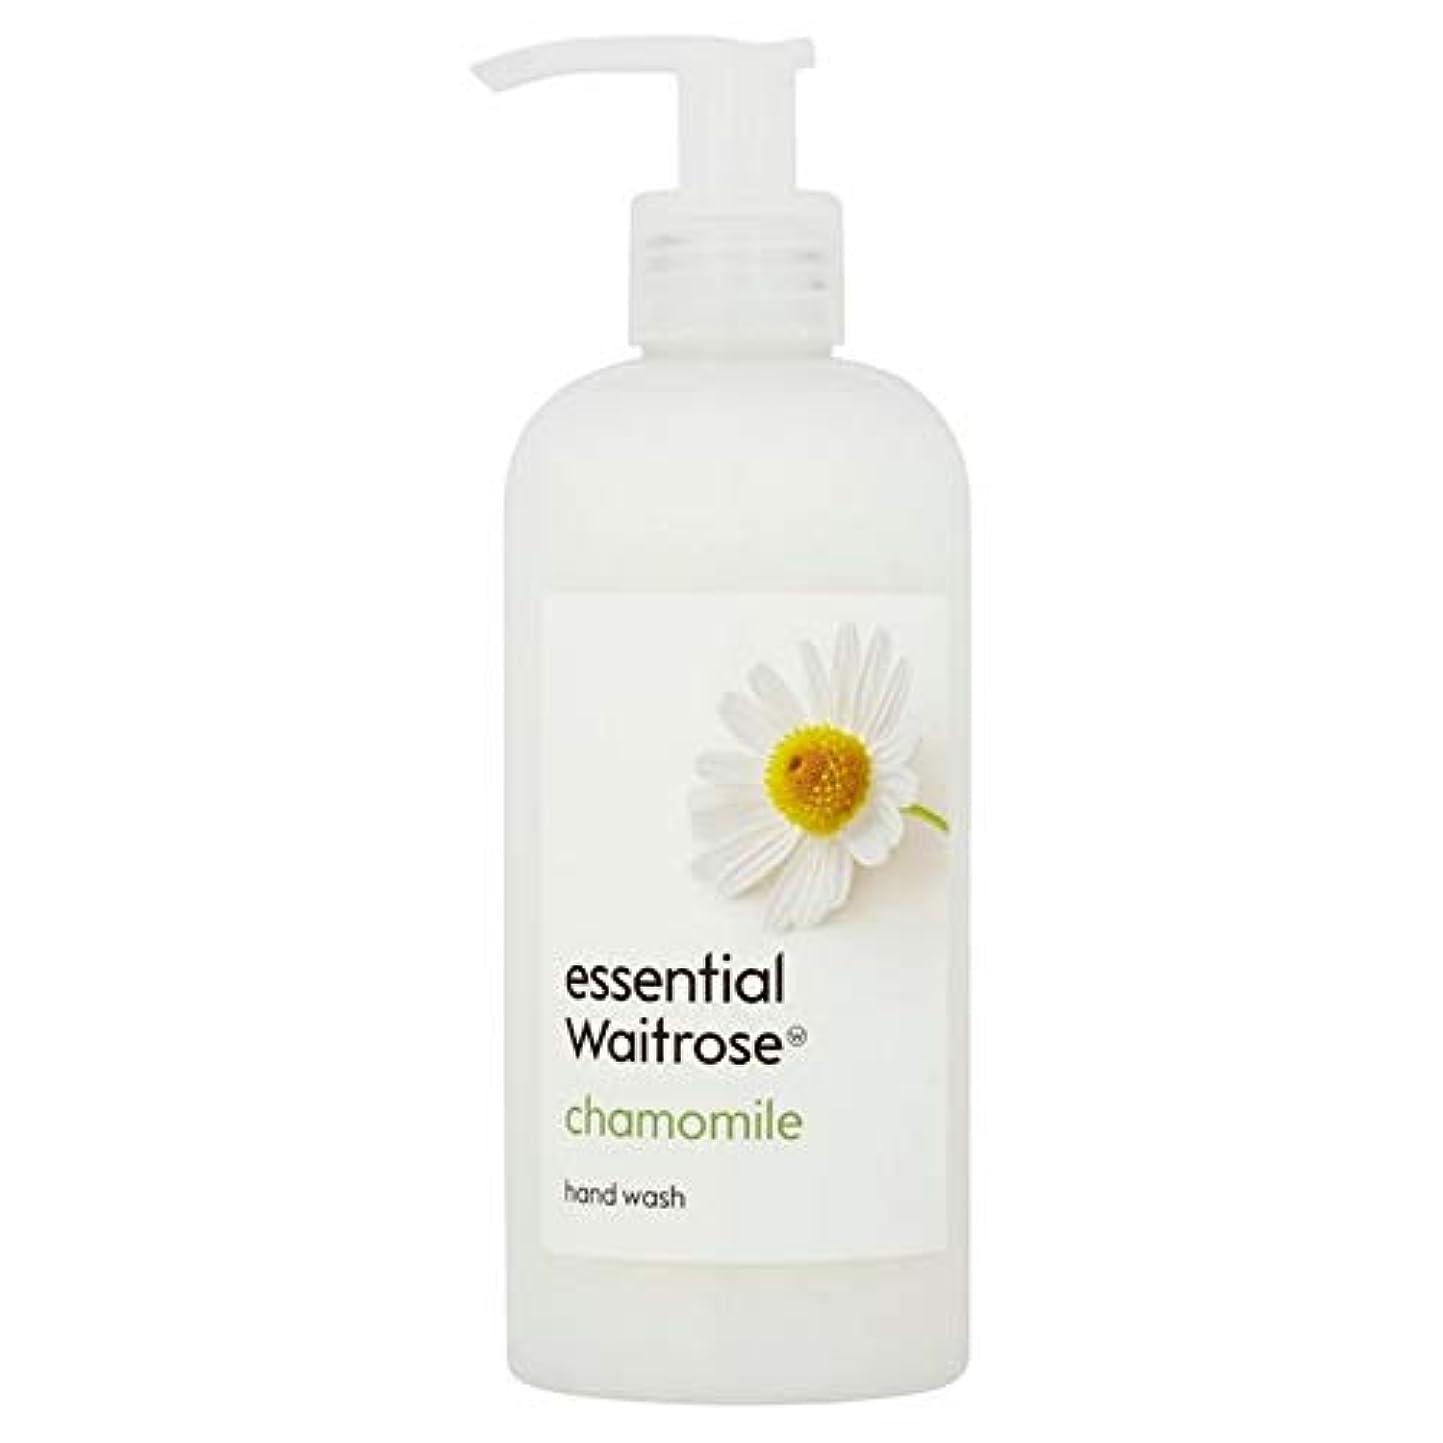 狂信者ネズミ宿る[Waitrose ] 基本的なウェイトローズのハンドウォッシュカモミール300ミリリットル - Essential Waitrose Hand Wash Chamomile 300ml [並行輸入品]